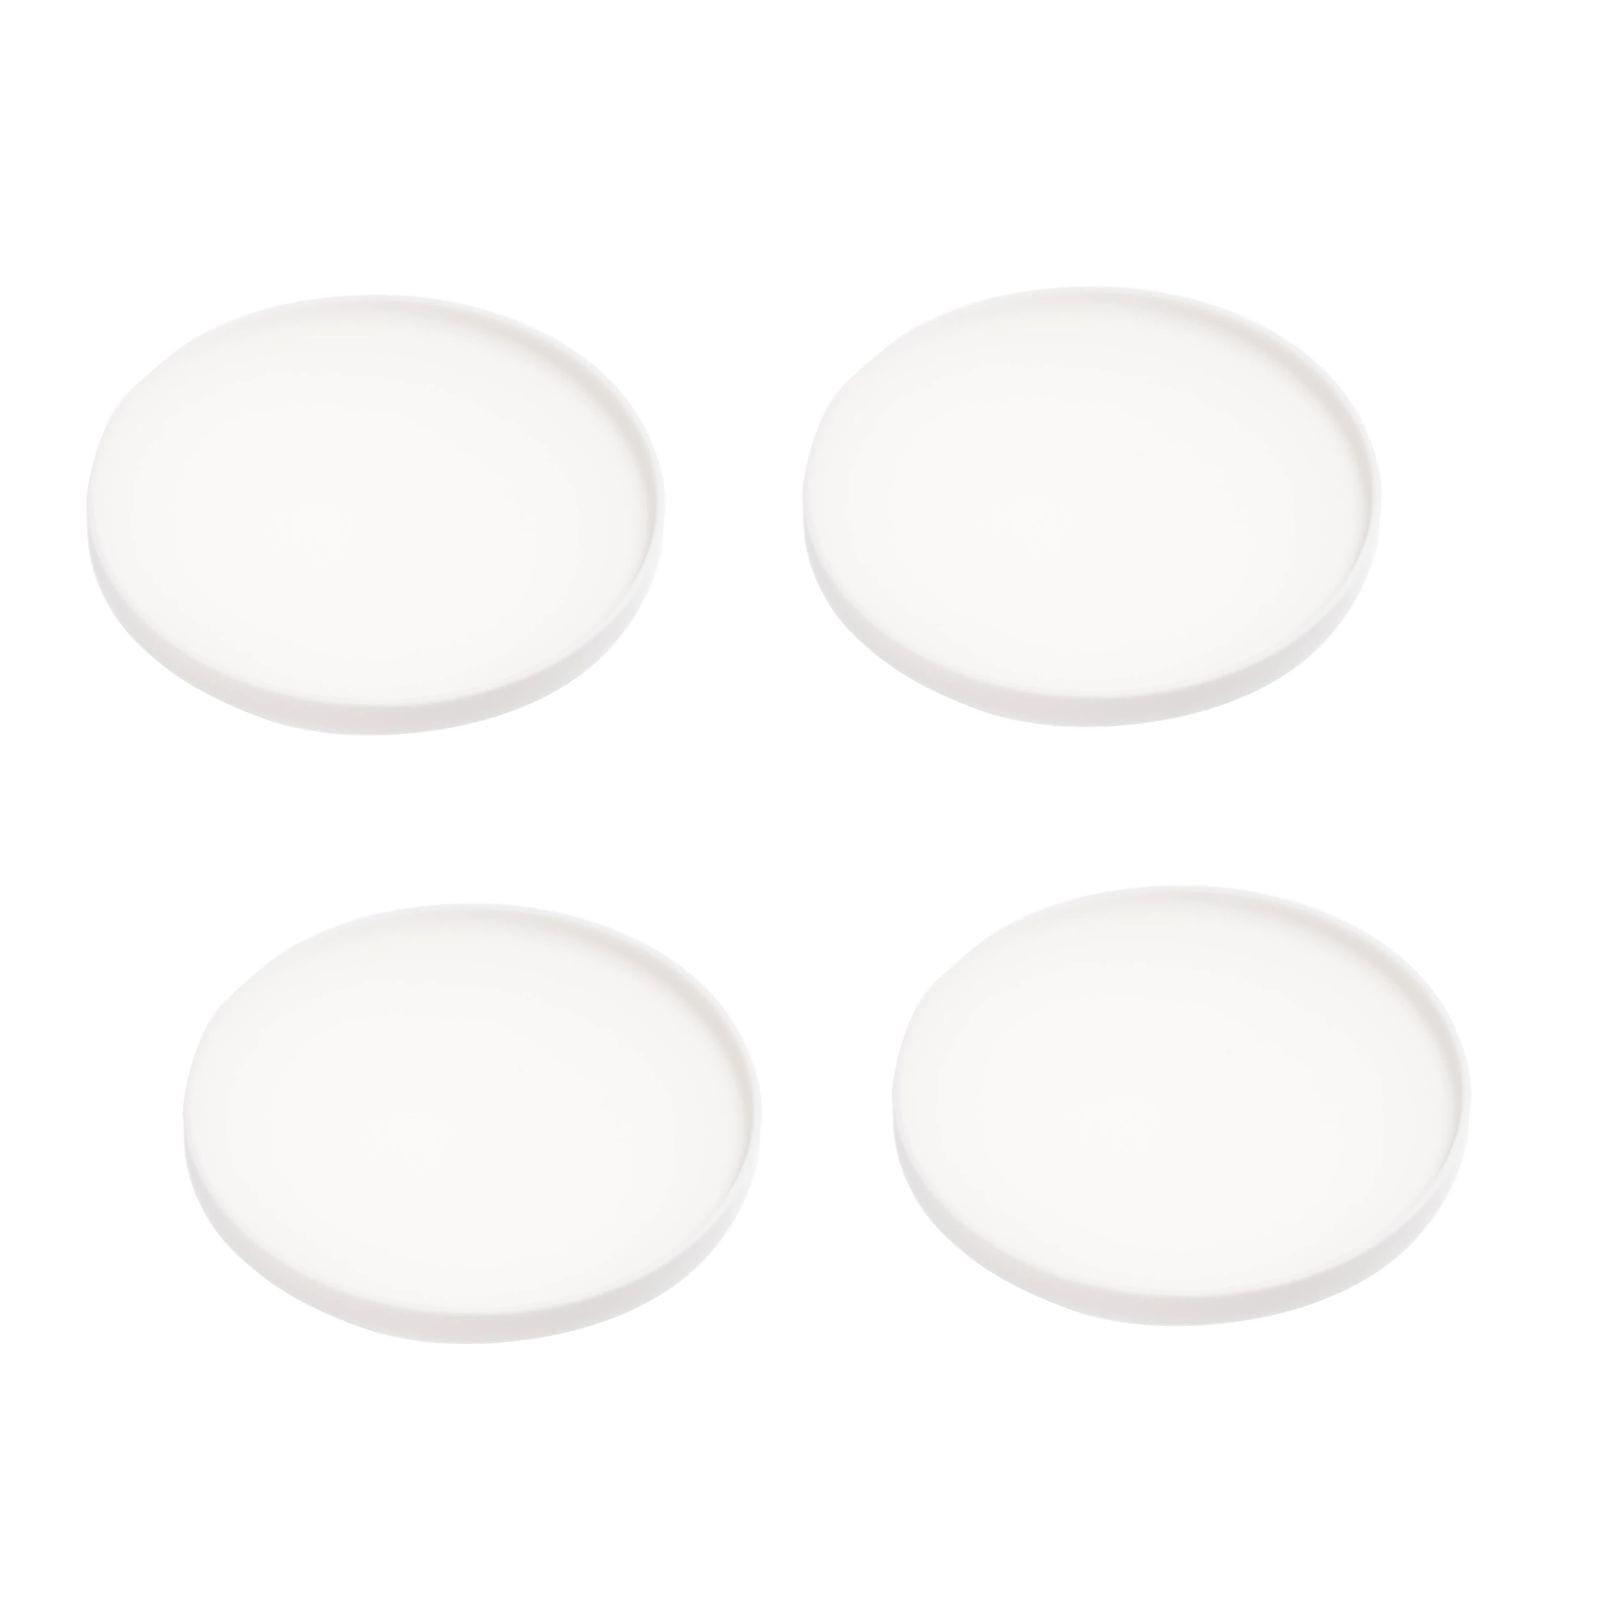 Tower Silicone White Coasters (Set of 4) - Yamazaki